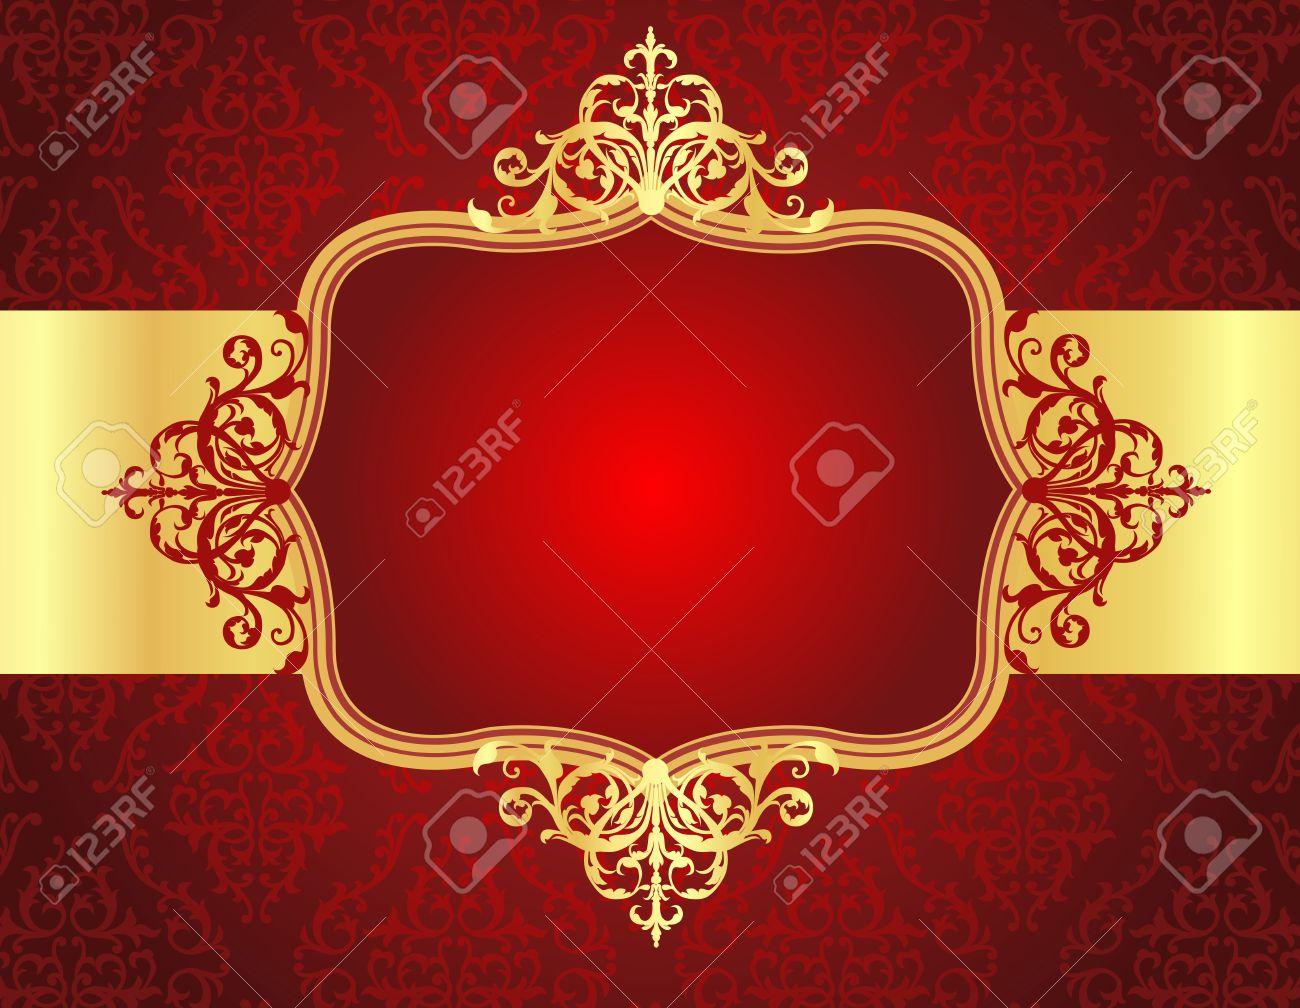 Elegant Golden / Gold Ornamental / Retro Frame On Red Seamless ...